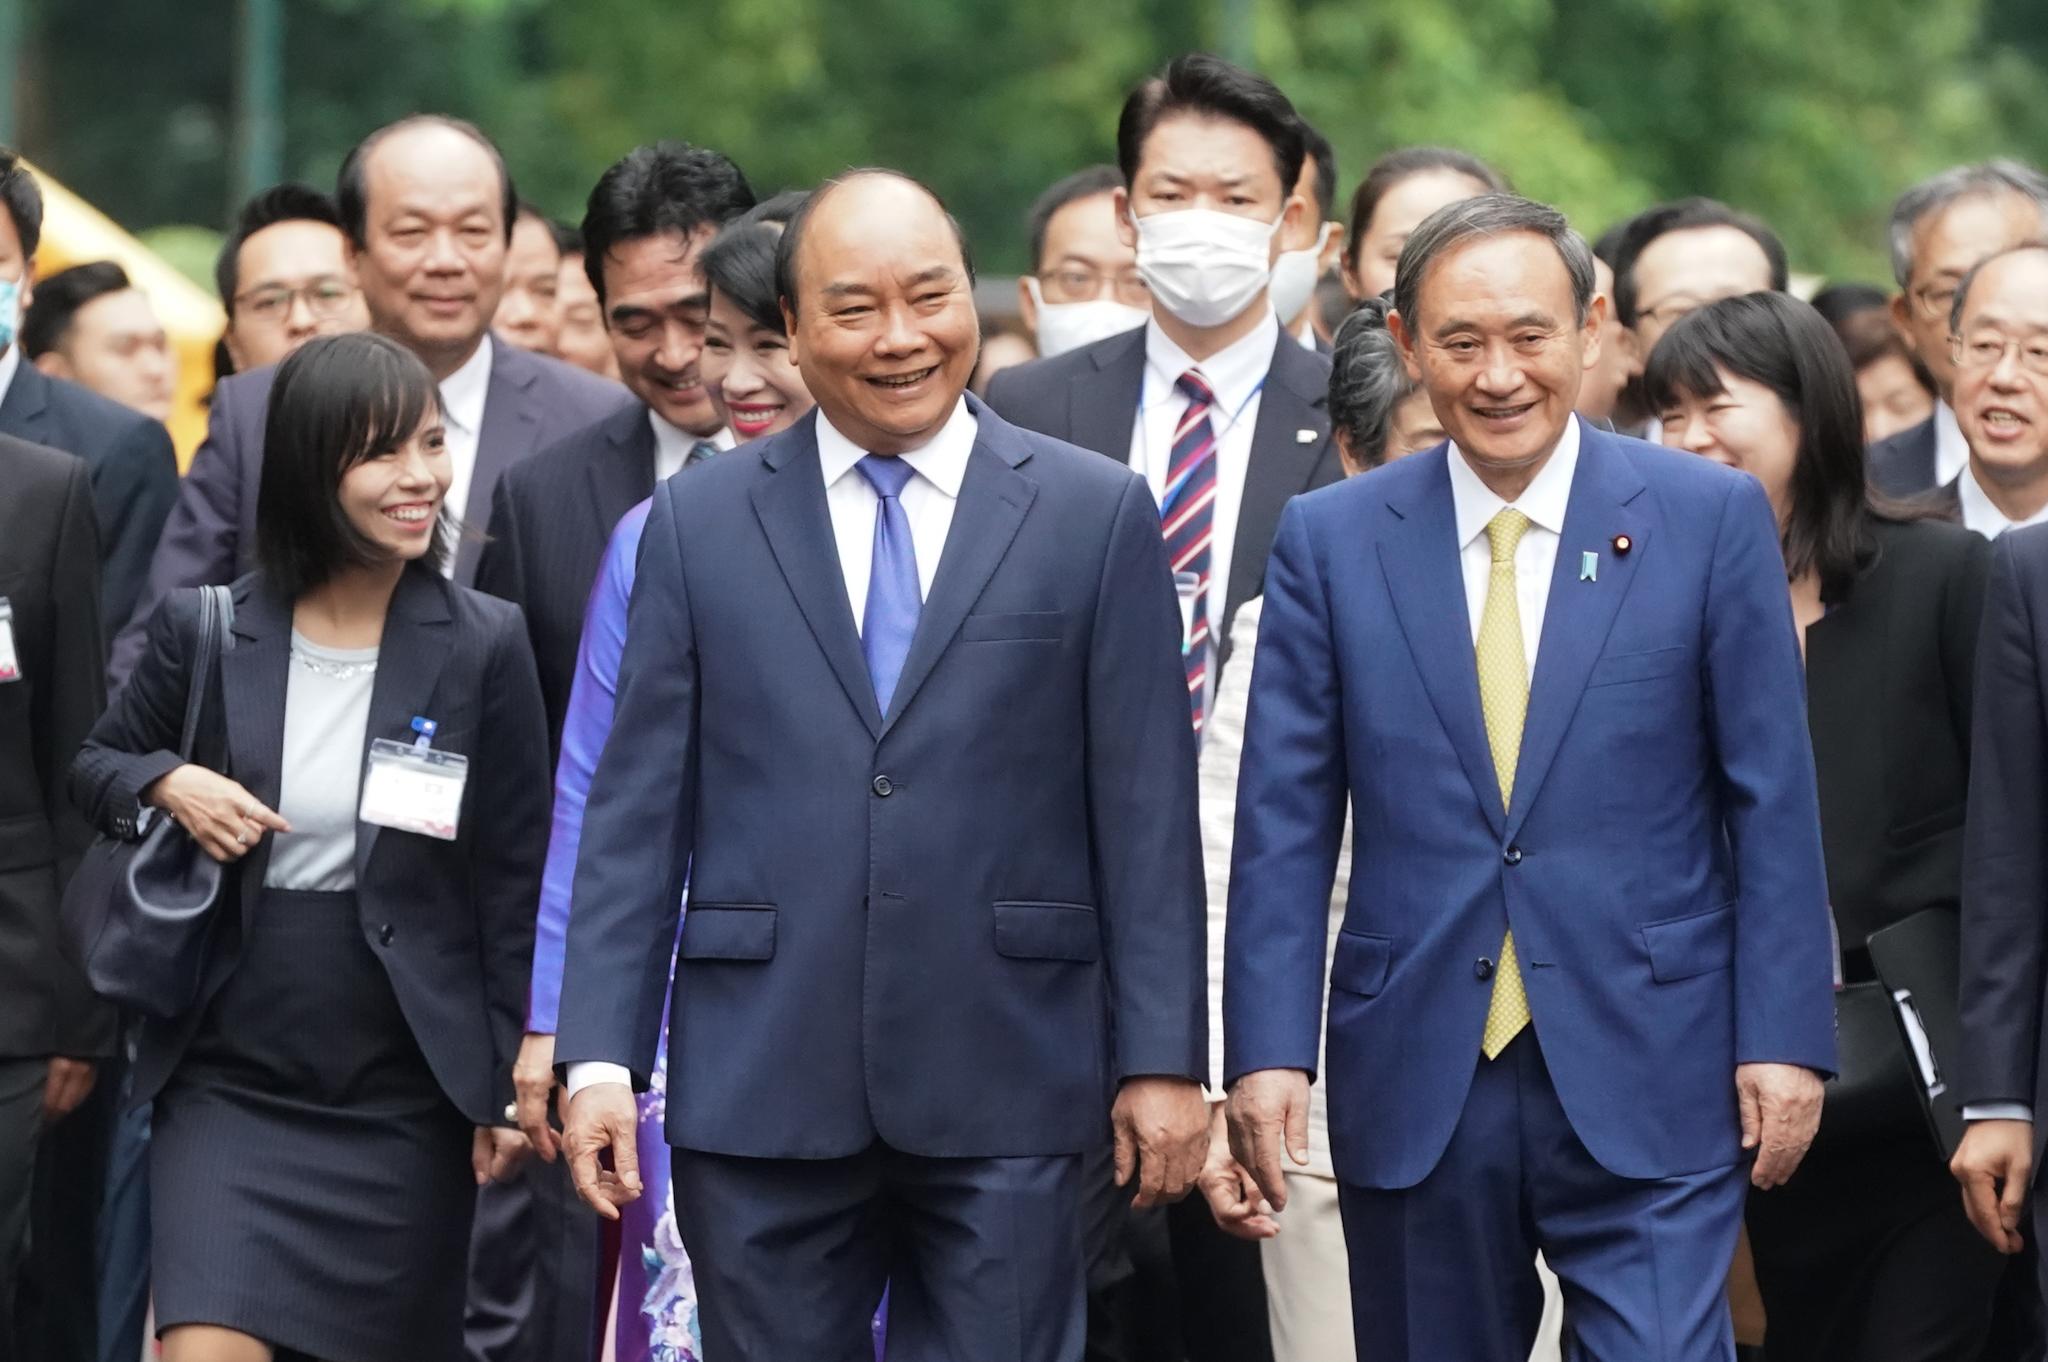 Truyền thông quốc tế đưa tin về chuyến thăm Việt Nam của tân Thủ tướng Nhật Bản - Ảnh 3.